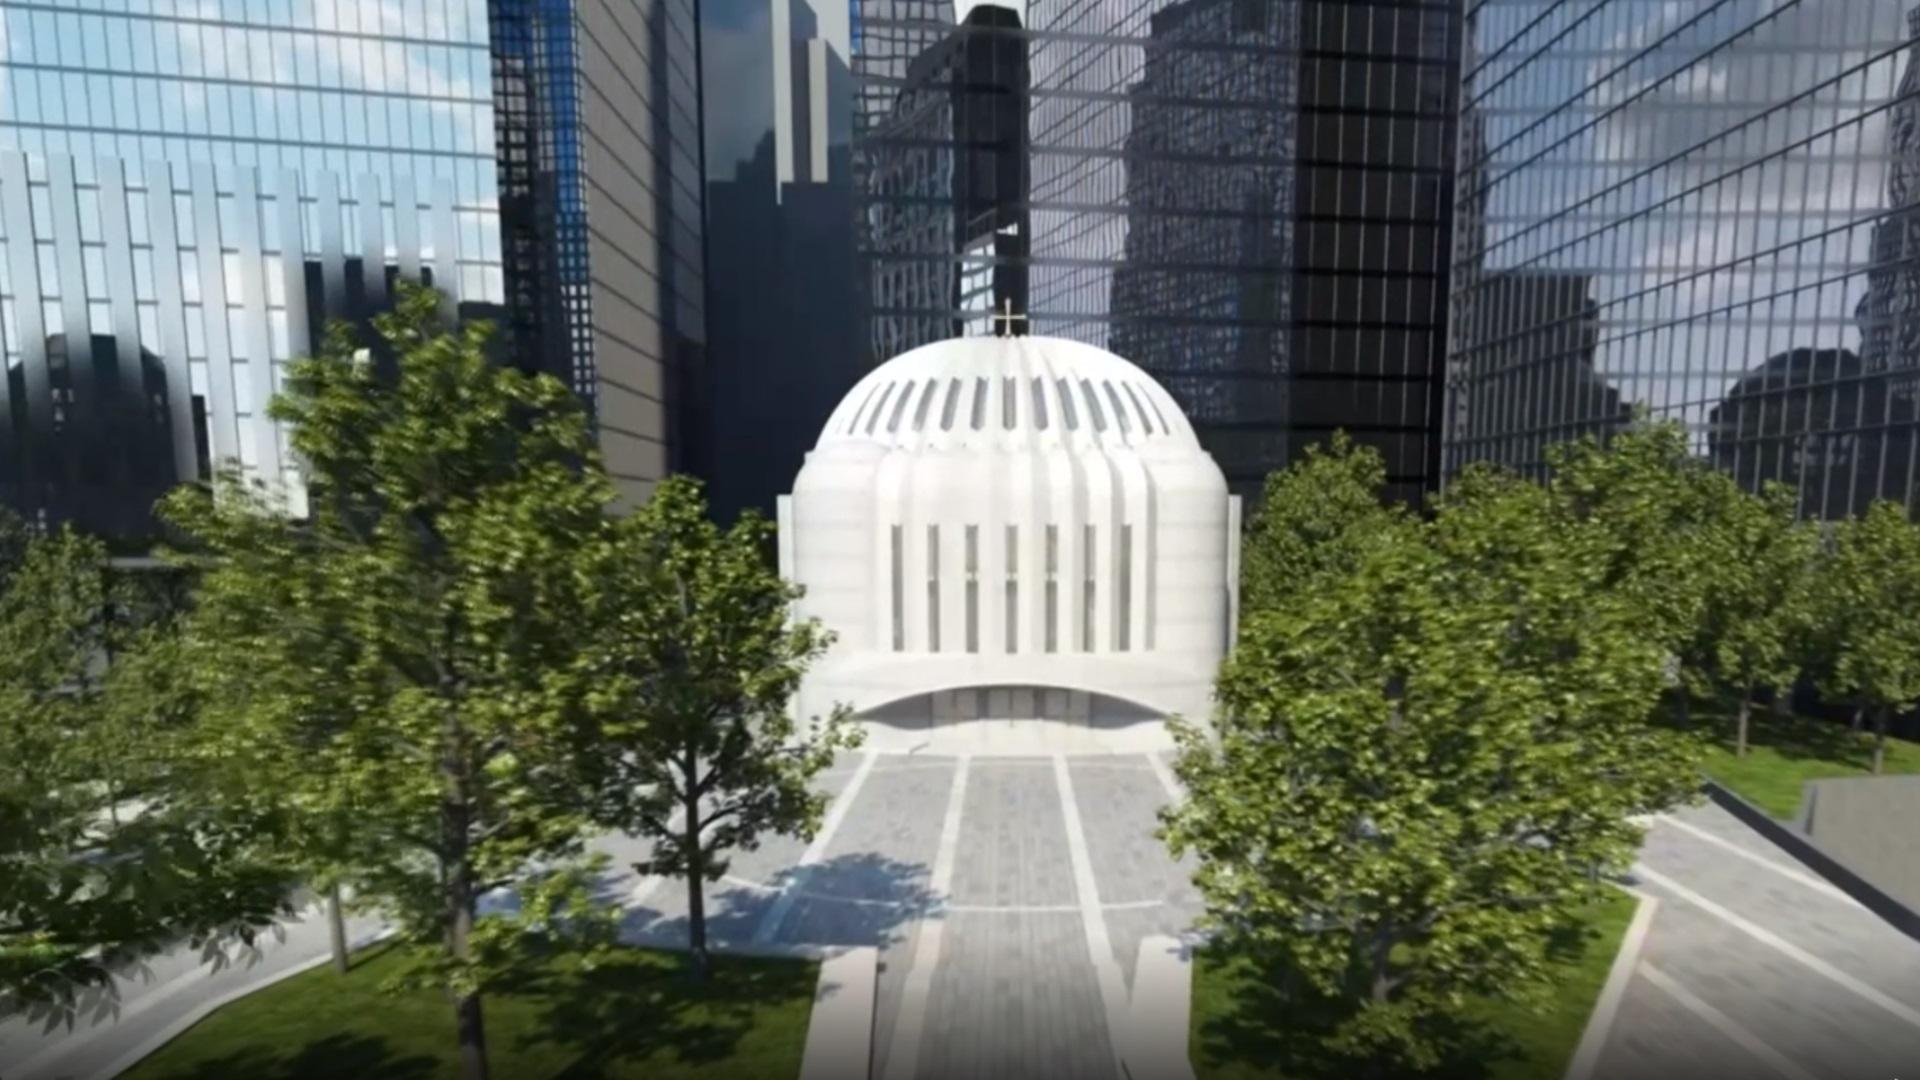 Νέα Υόρκη: Πρώτη λειτουργία στον Άγιο Νικόλαο – Είχε καταστραφεί την 11η Σεπτεμβρίου